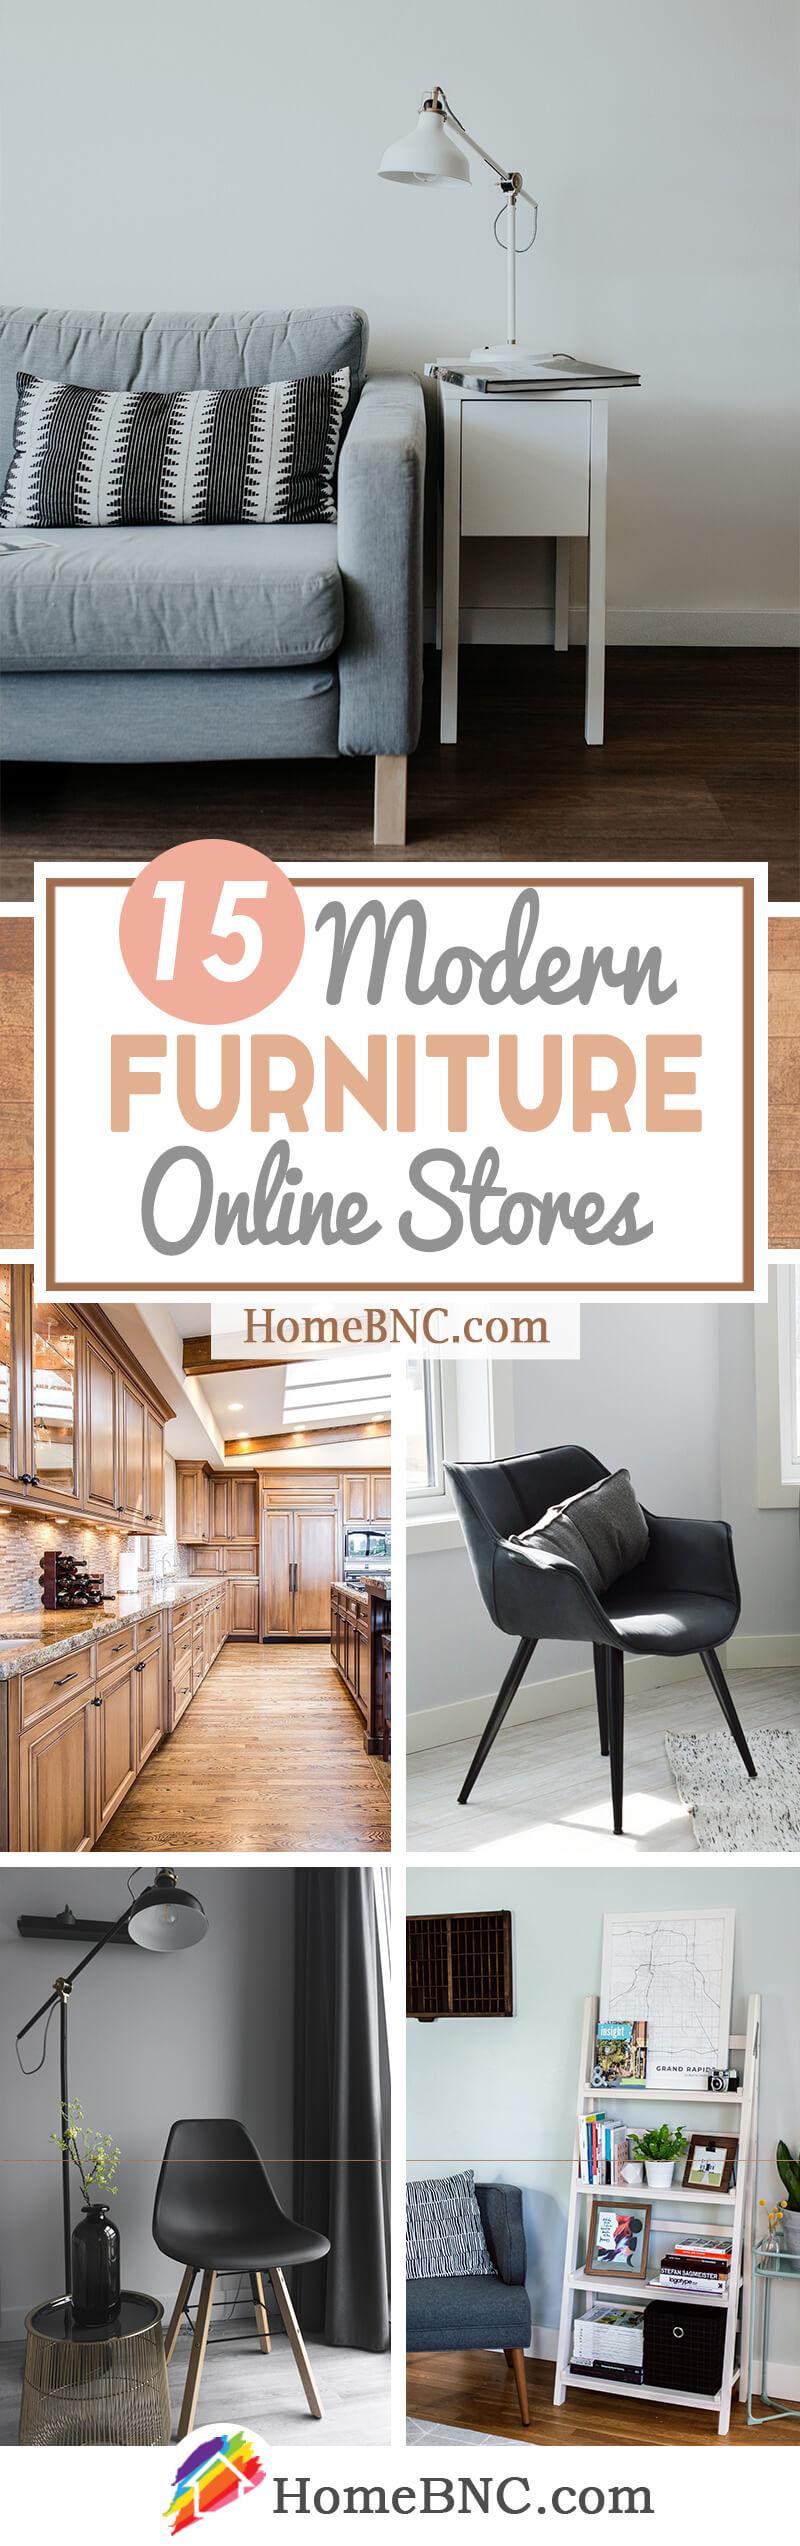 Best Modern Furniture Stores Online